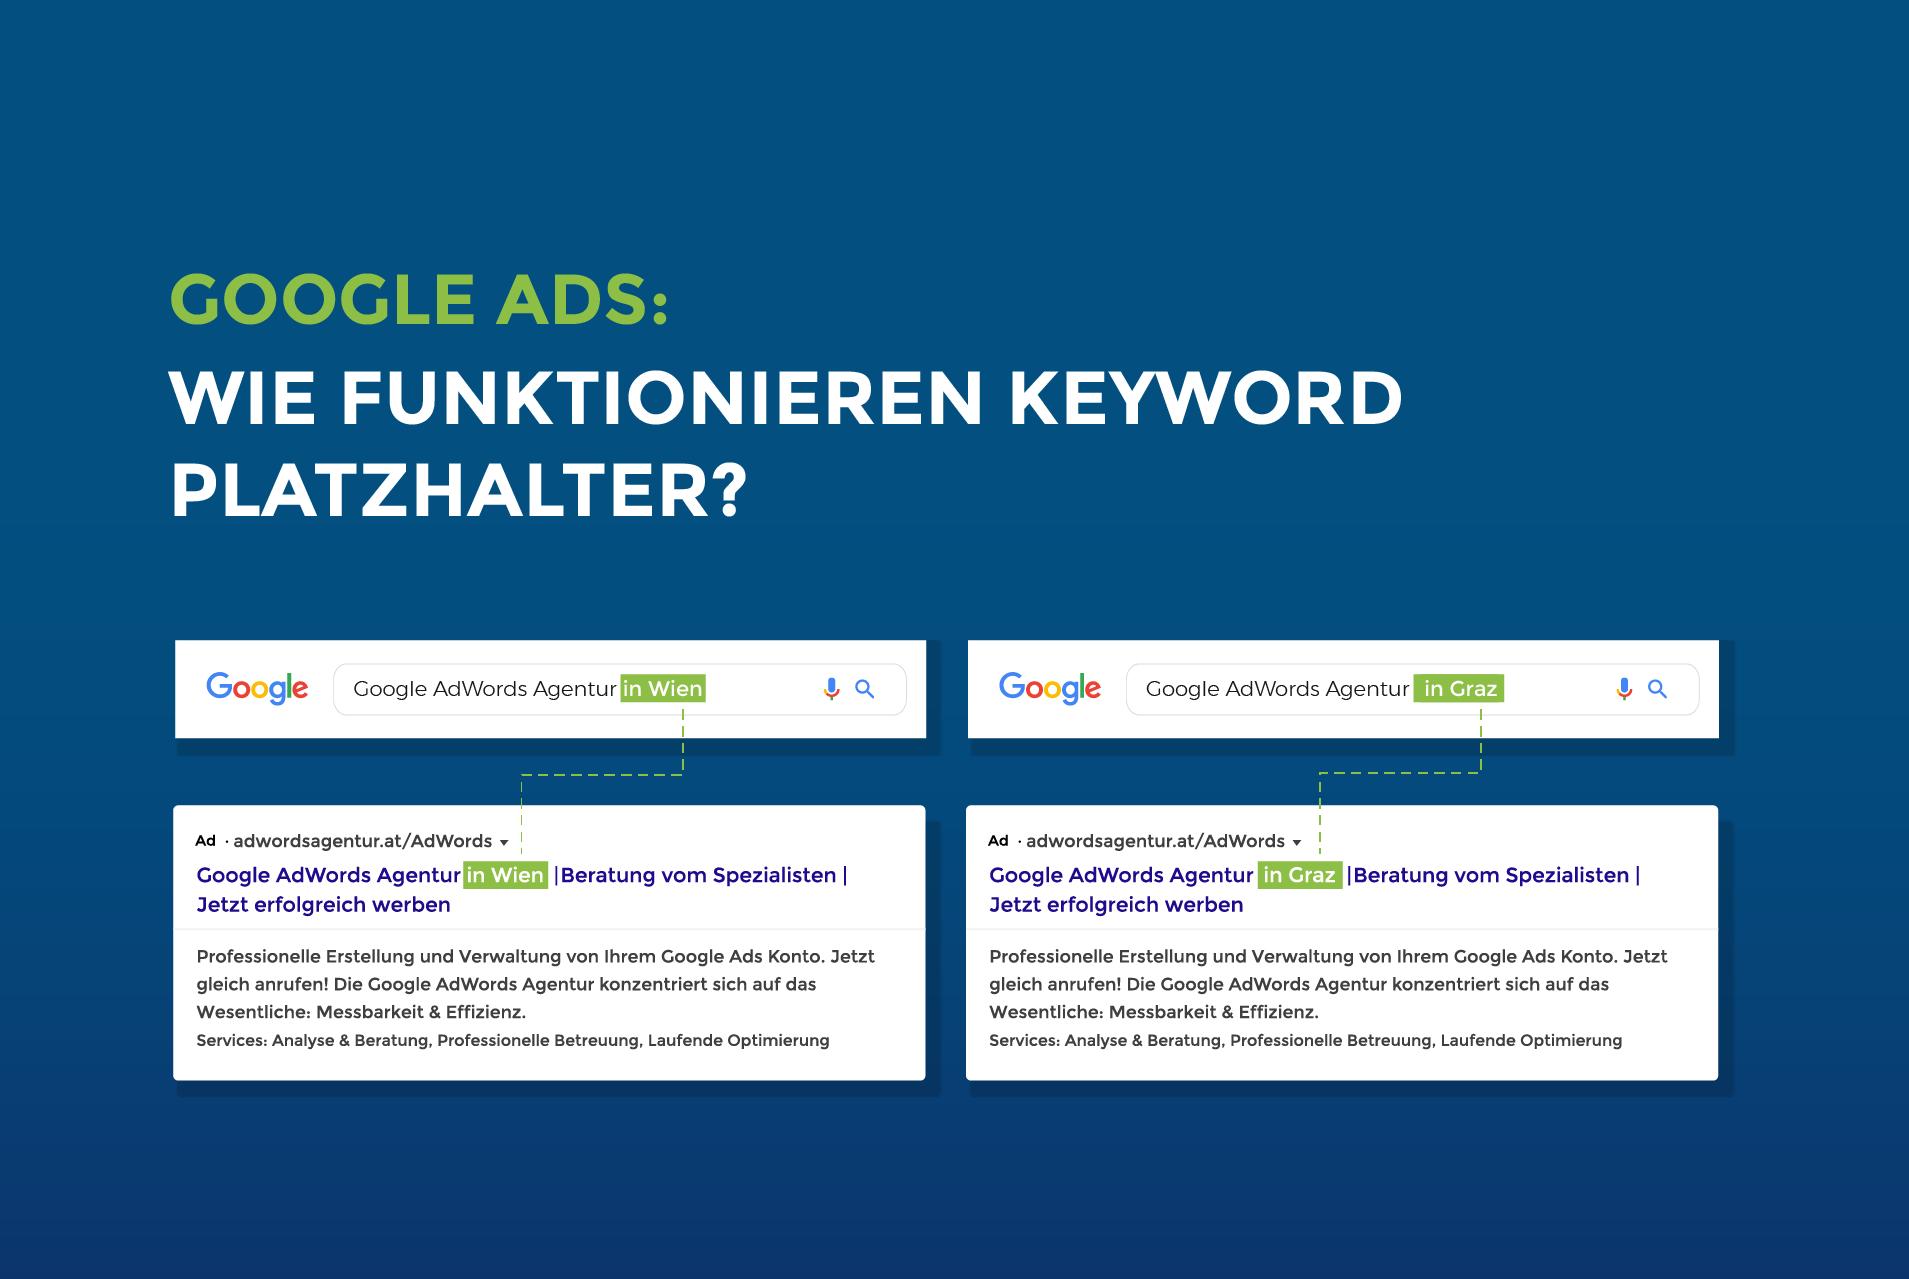 Google Ads: Wie funktionieren Keyword Platzhalter?